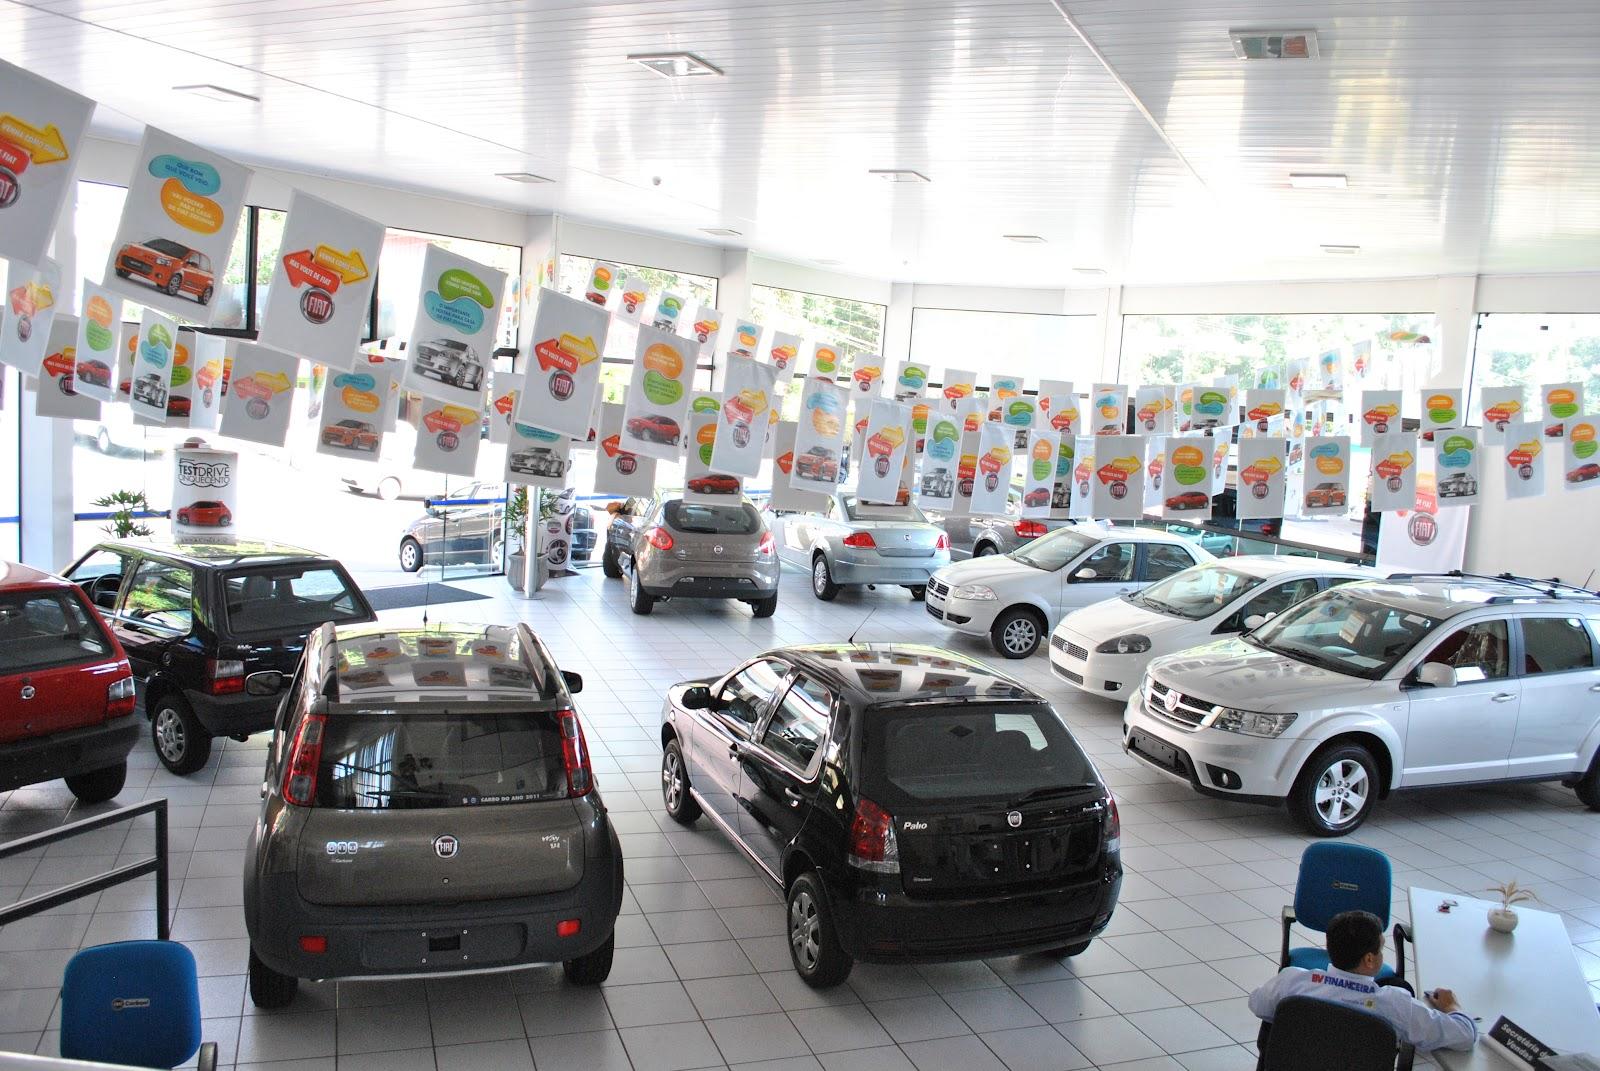 Carboni Fiat Joaçaba completa 12 anos e prepara festa com atendimento especial Joa%25C3%25A7aba%2520%25282%2529